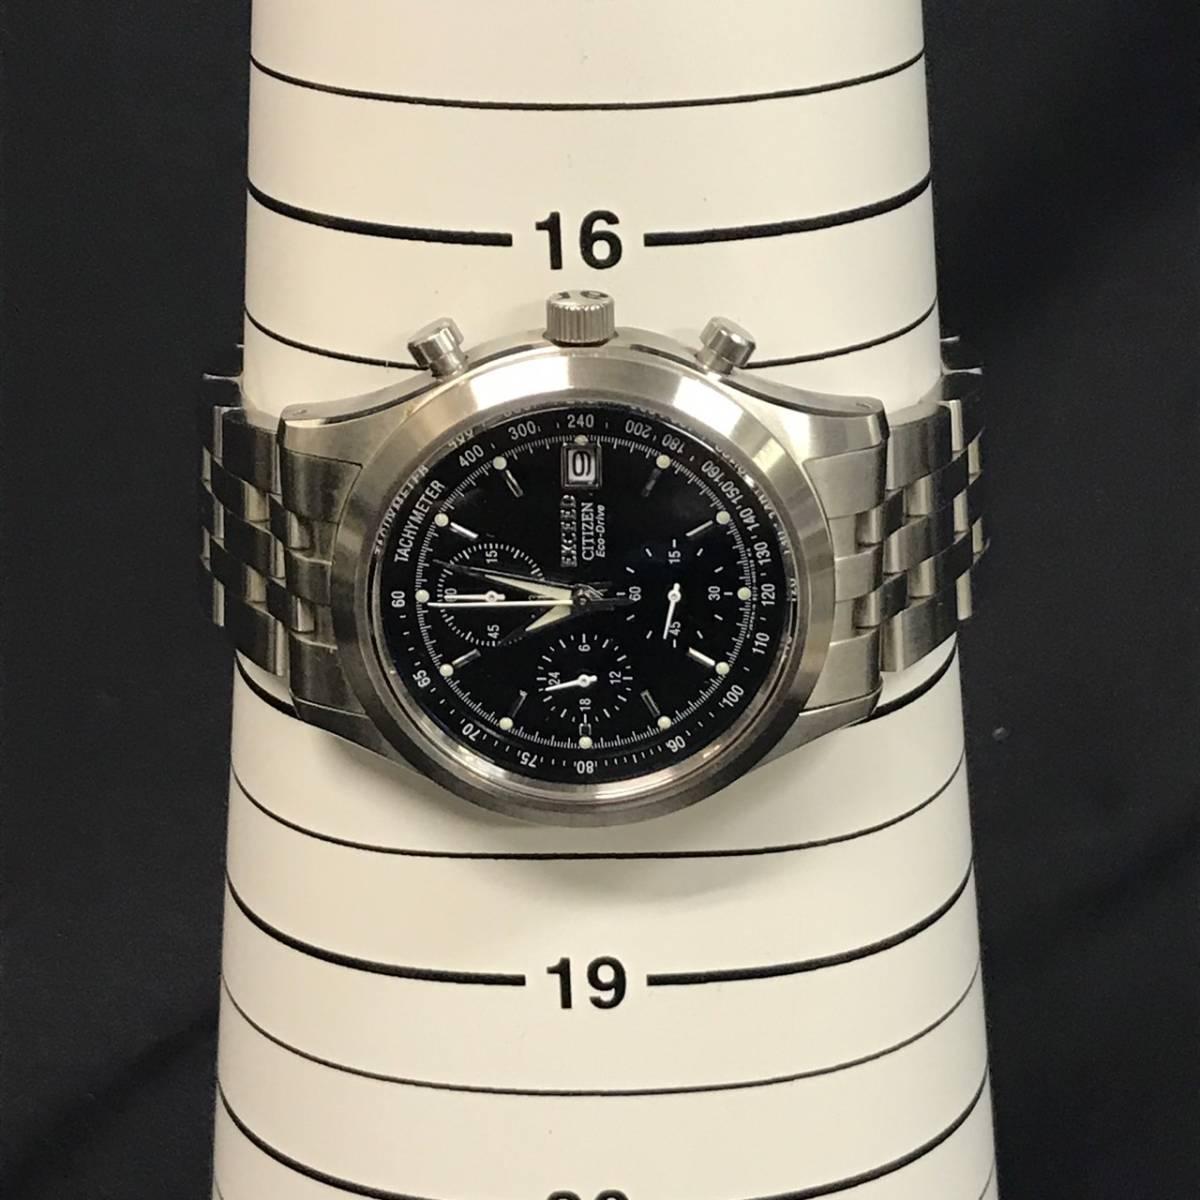 C23f01D シチズン CITIZEN エクシード エコドライブ B510 H23290 クオーツ 腕時計 自動巻き 記念品_画像7